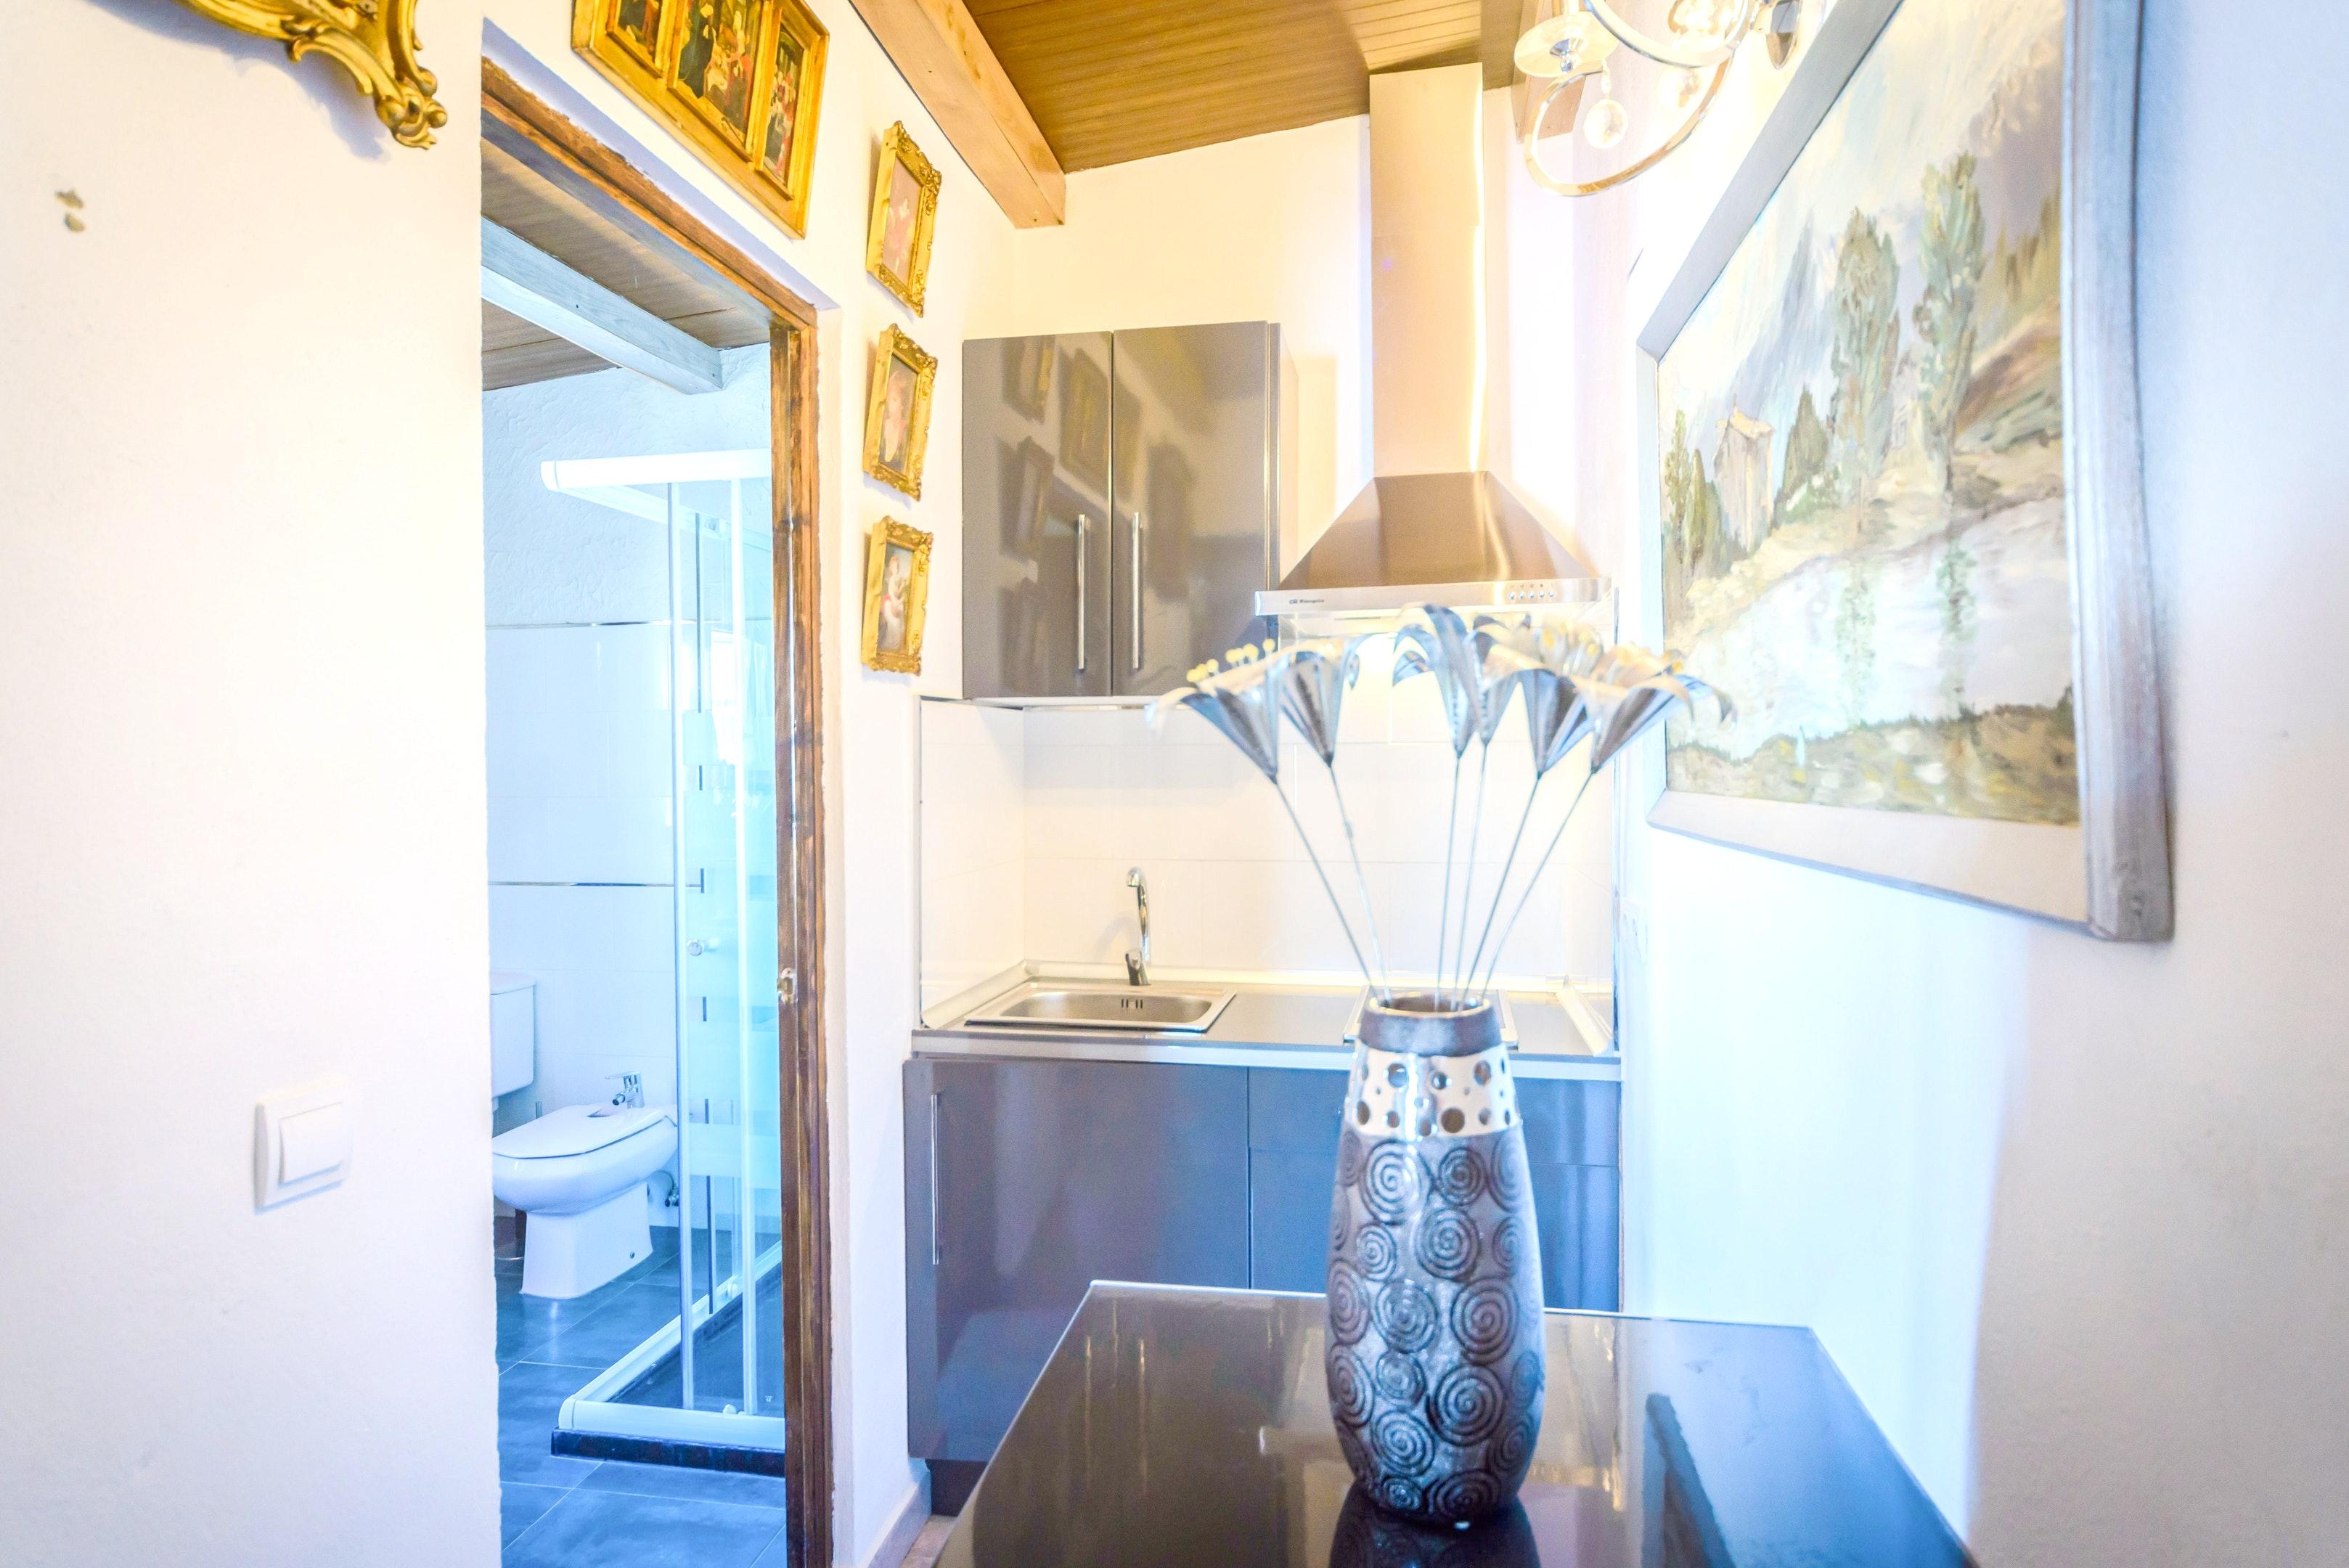 Ferienhaus Villa mit 3 Schlafzimmern in Peñaflor mit privatem Pool, eingezäuntem Garten und W-LAN (2208249), Peñaflor, Sevilla, Andalusien, Spanien, Bild 12